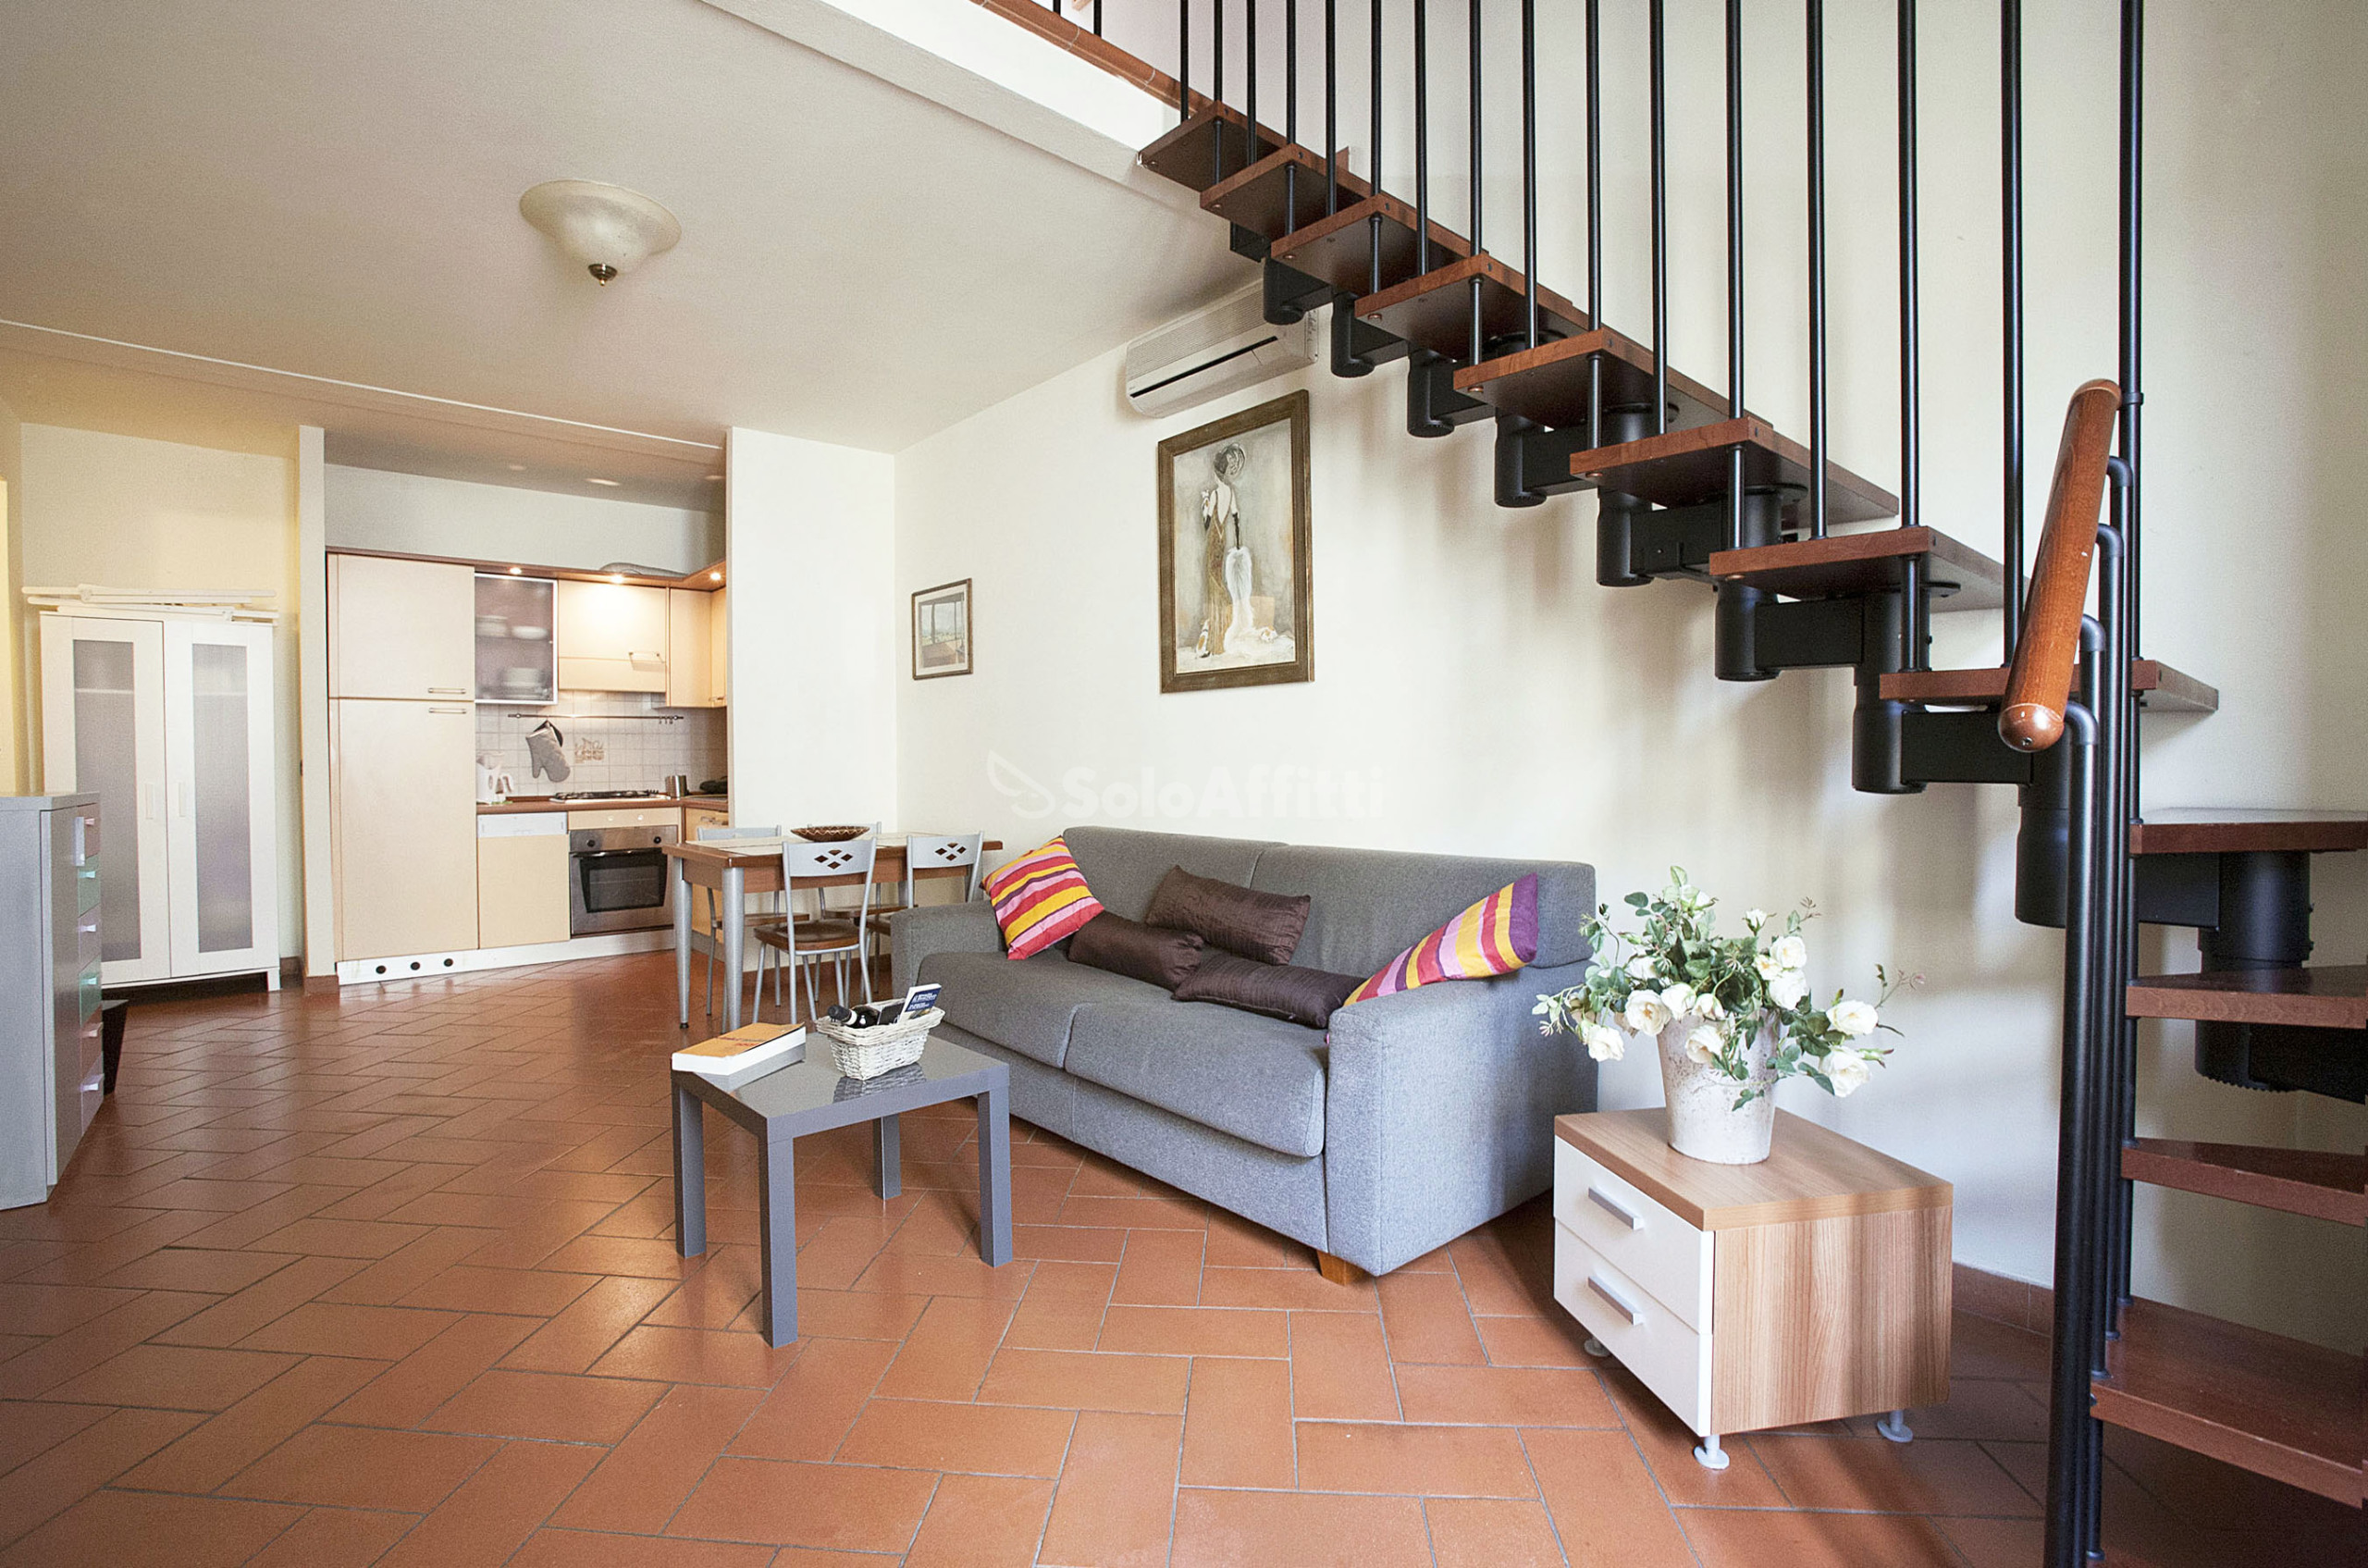 Appartamento Loft Arredato 50 mq.